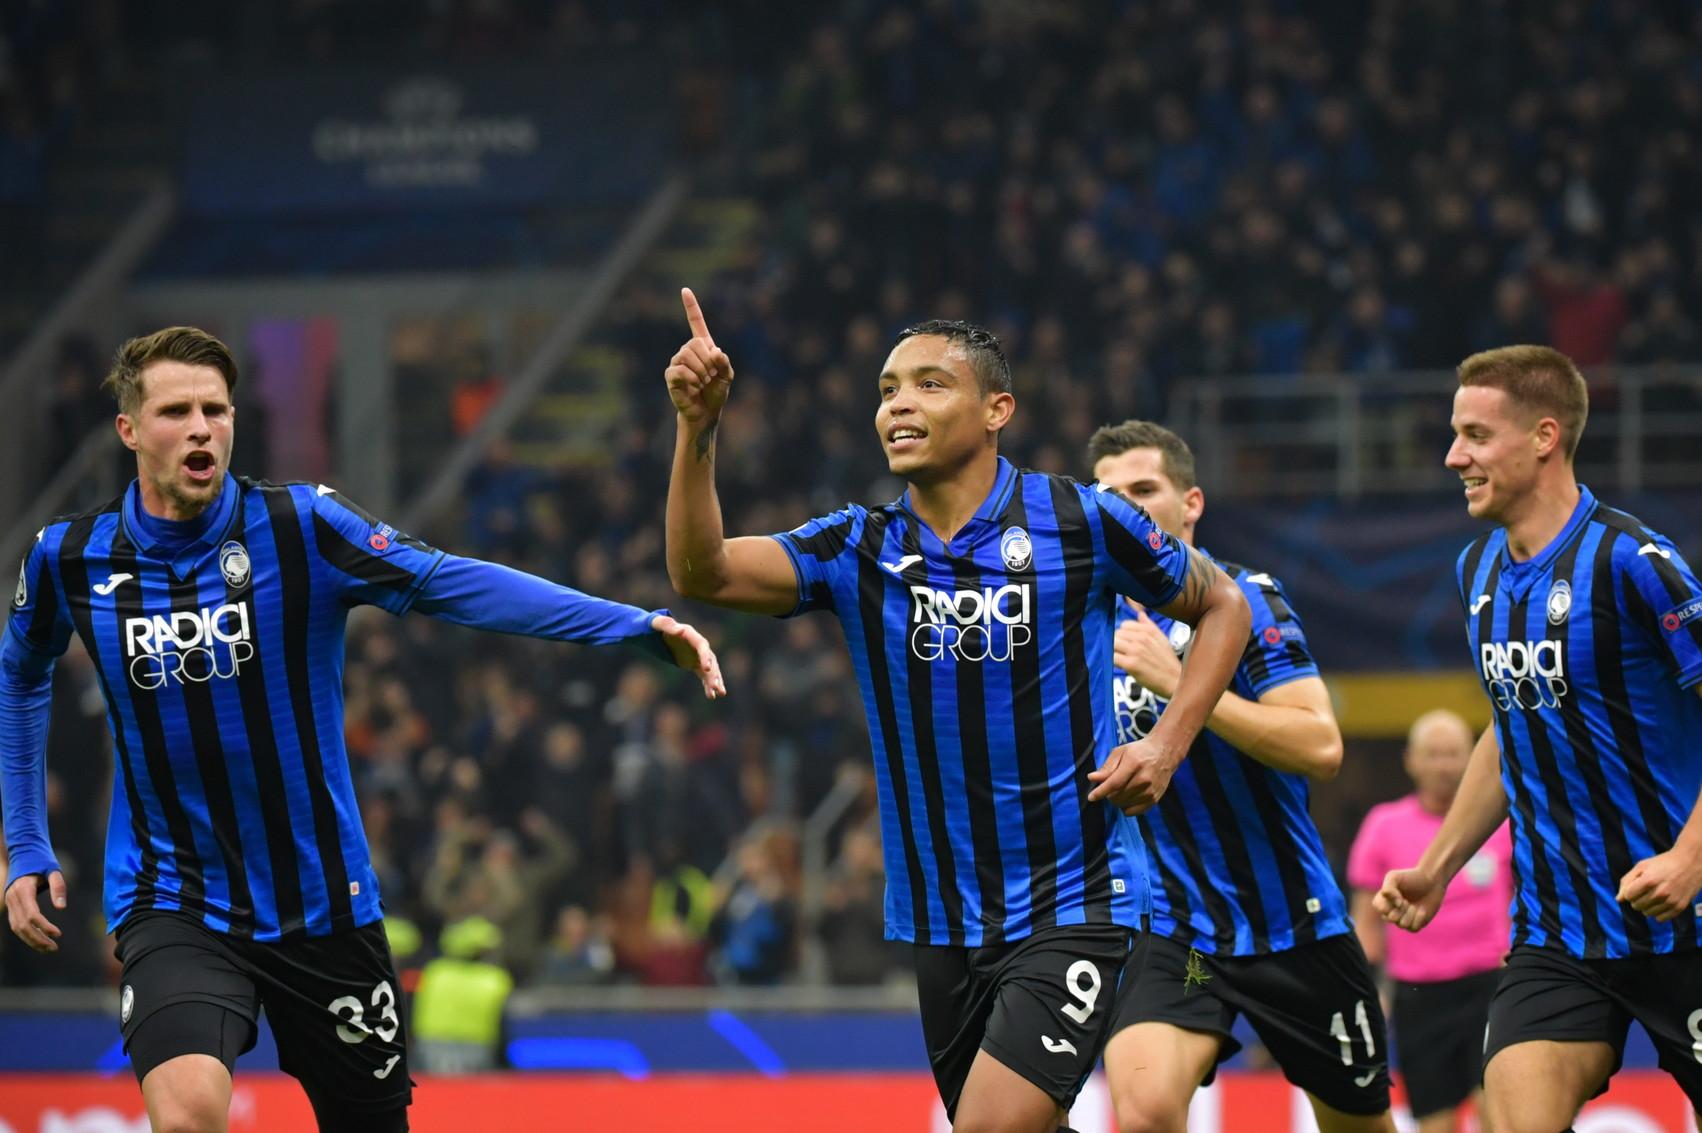 Nella quinta giornata della fase a gironi, l'Atalanta supera la Dinamo Zagabria e centra la prima vittoria della propria storia in Champions Leagu...